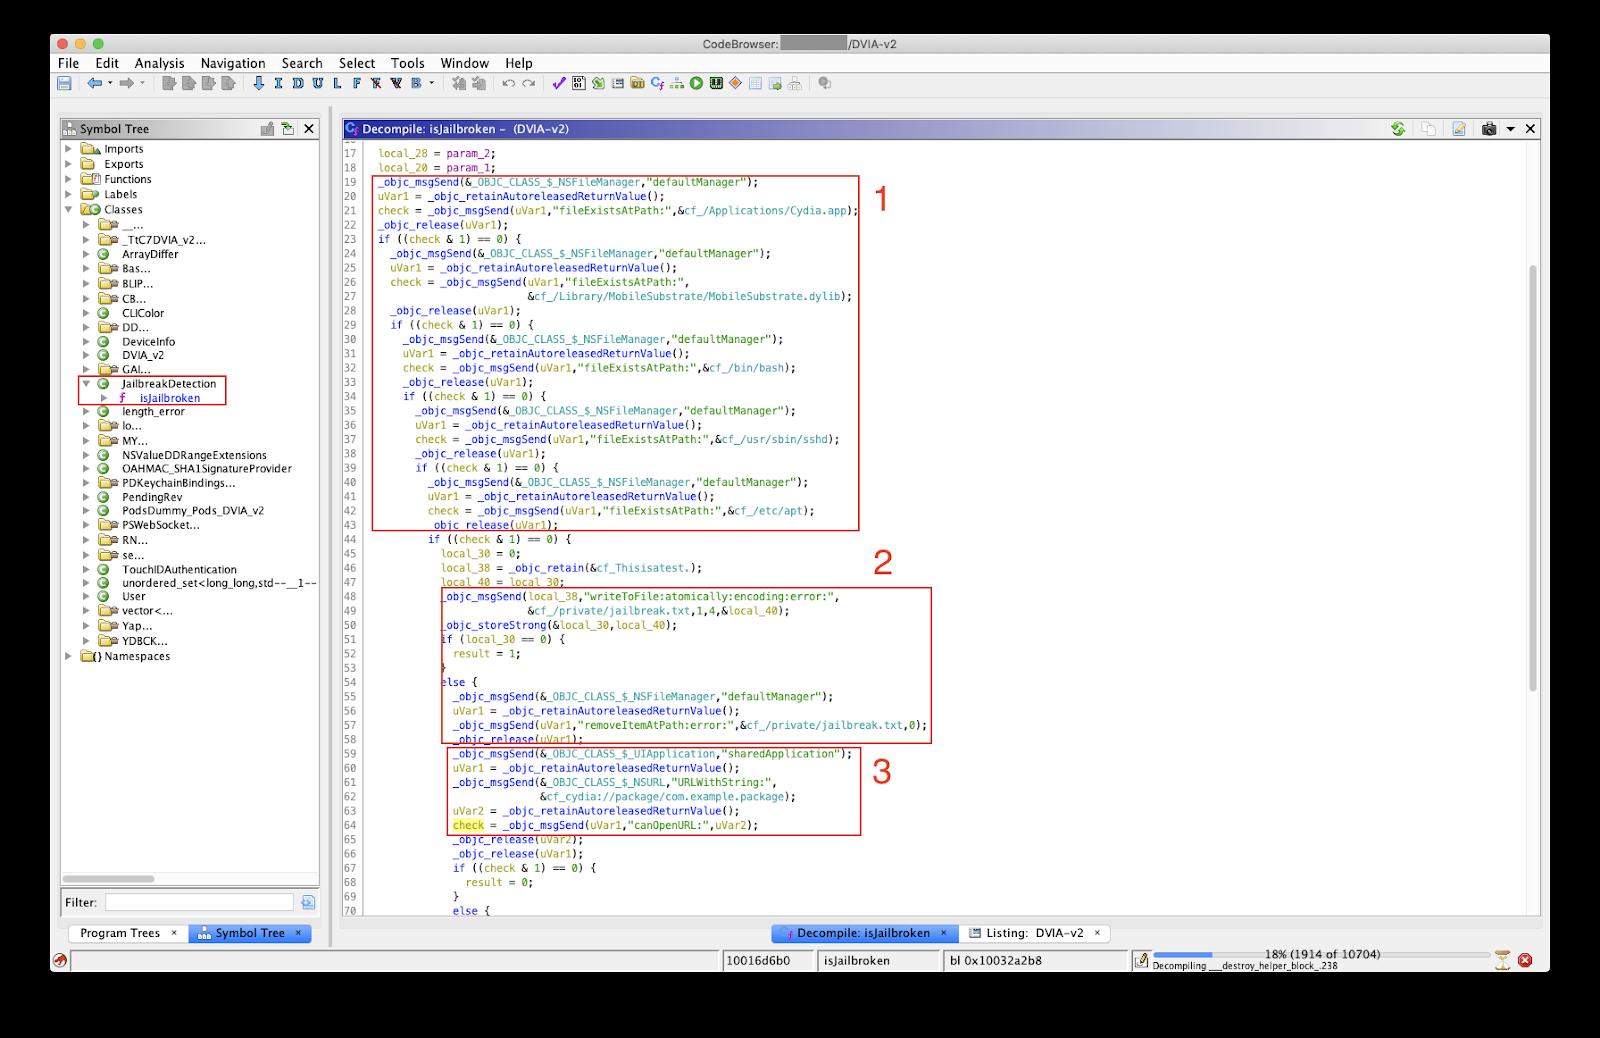 Декомпилированный код проверки на джейлбрейк в Ghidra